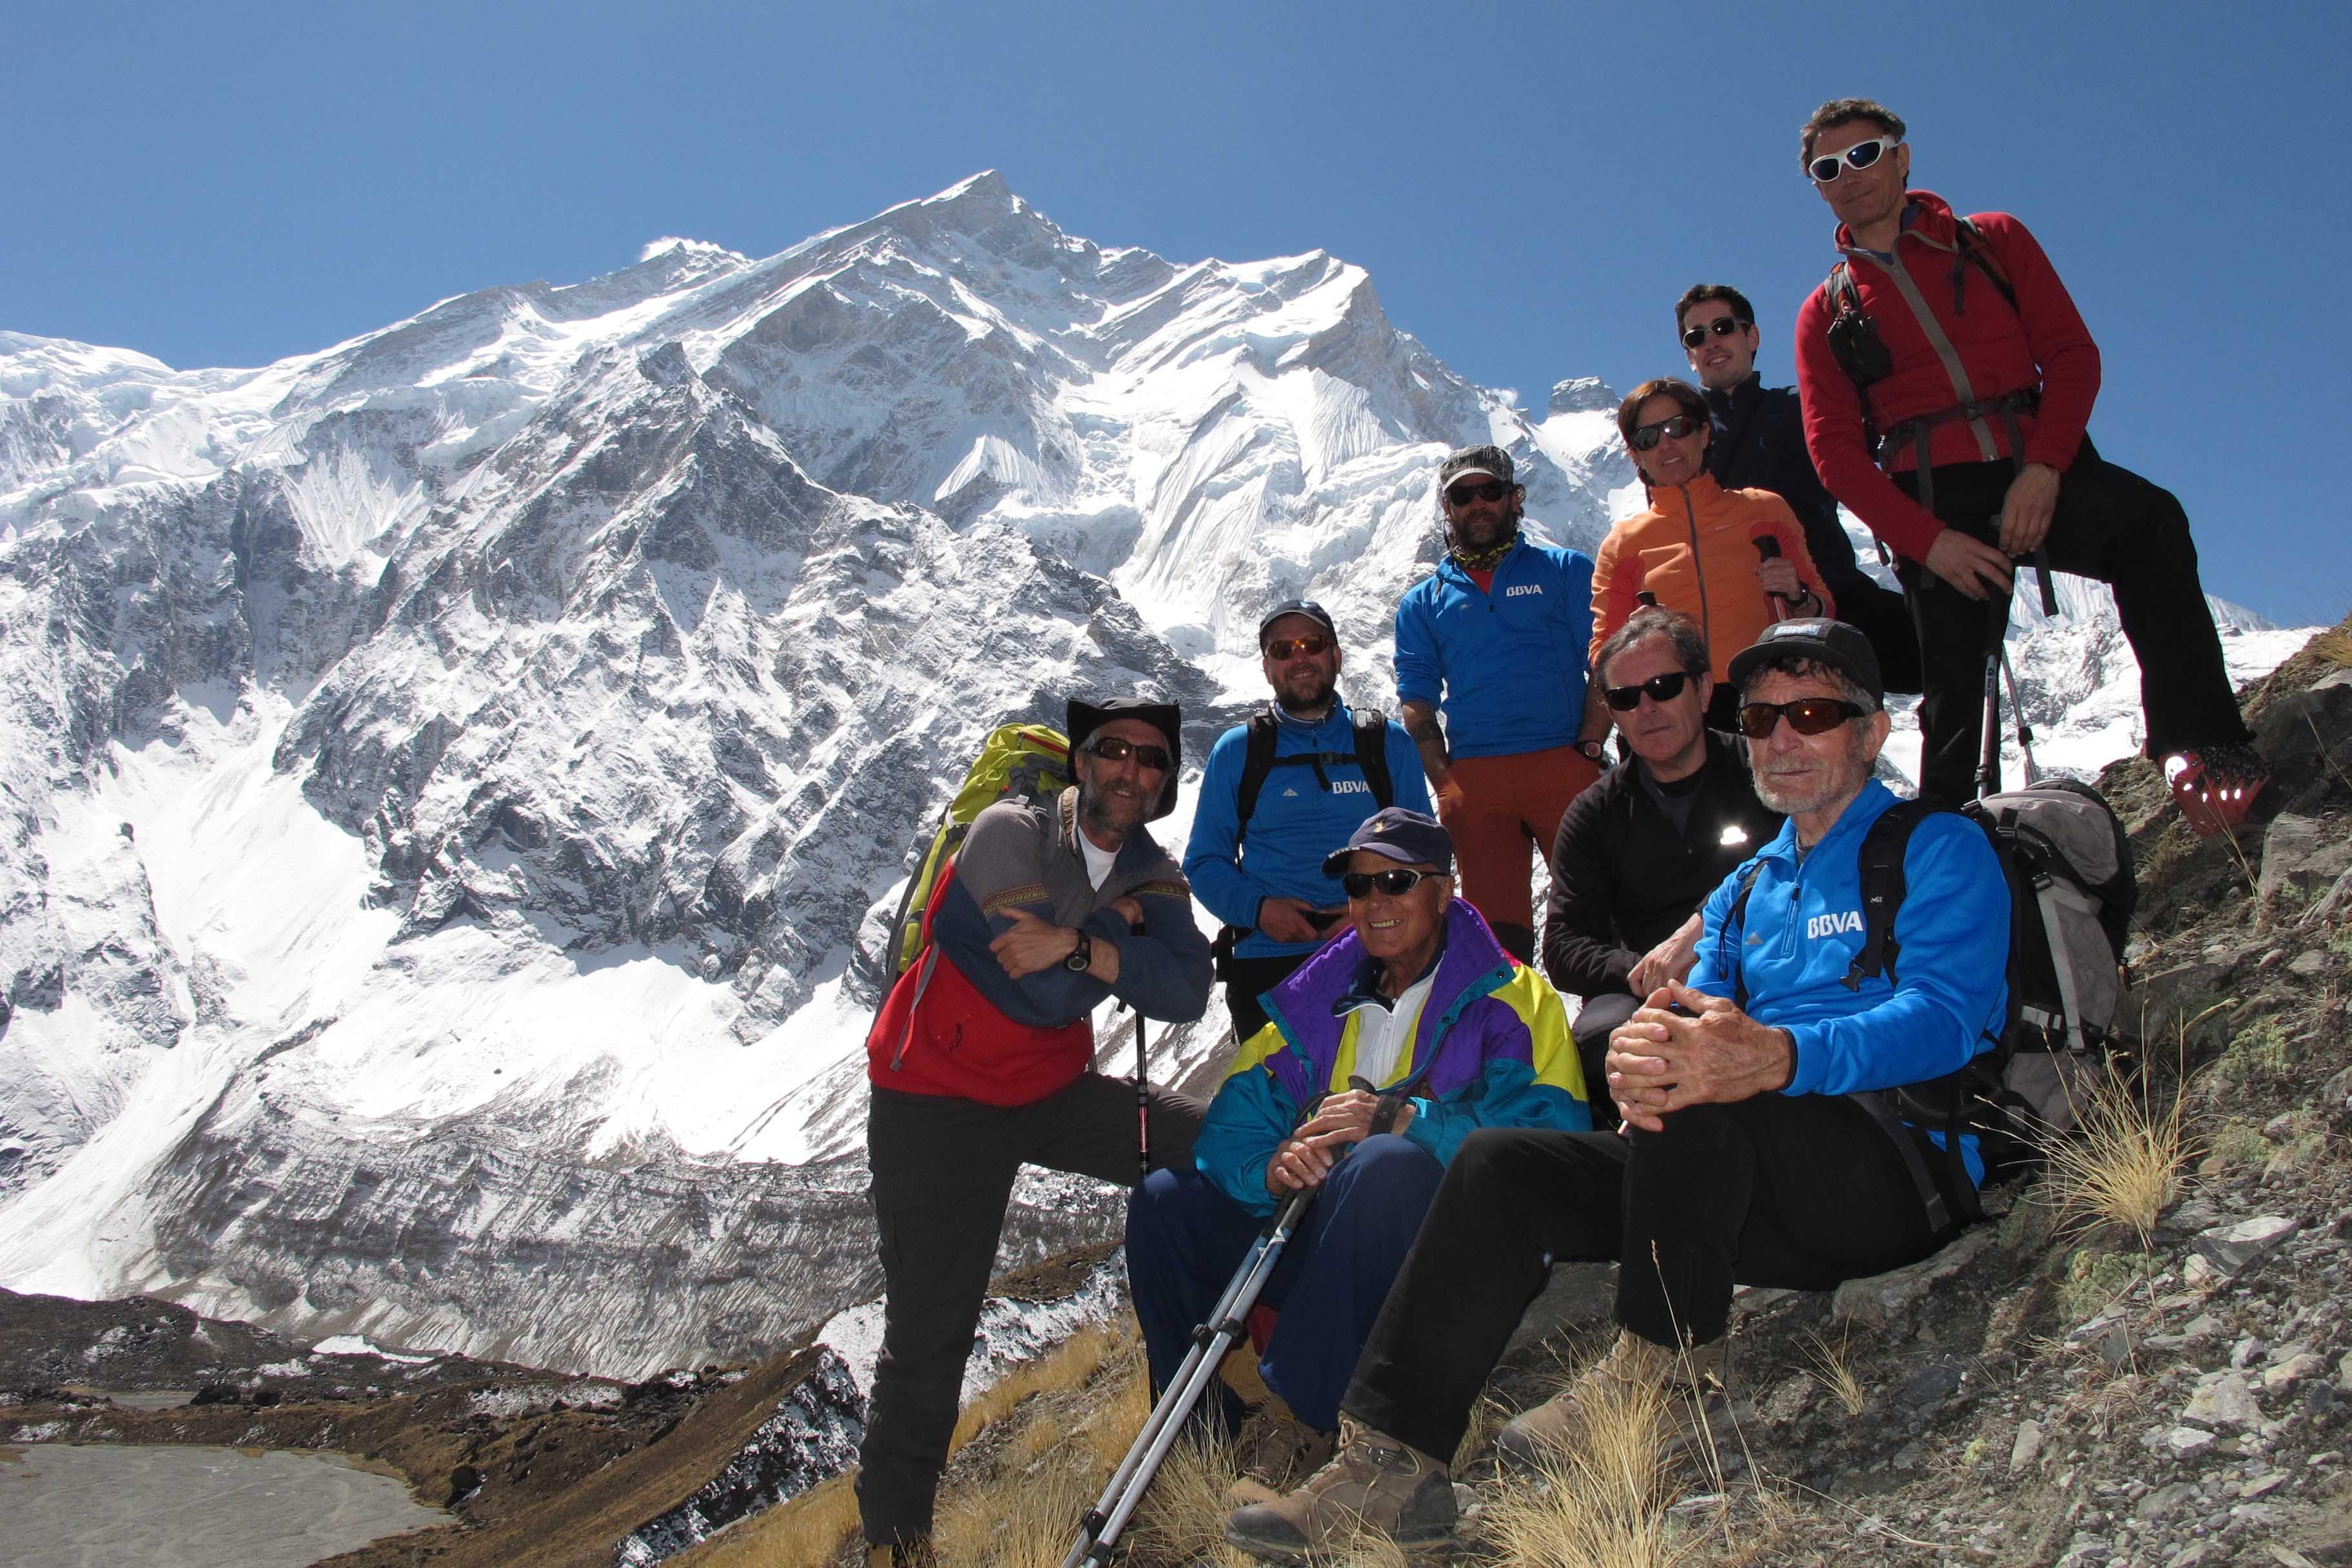 Carlos Soria, con la cara oeste del Annapurna al fondo, posa junto con sus compañeros de expedición y un grupo de clientes de BBVA cuya visita ha recibido hoy en el campo base.